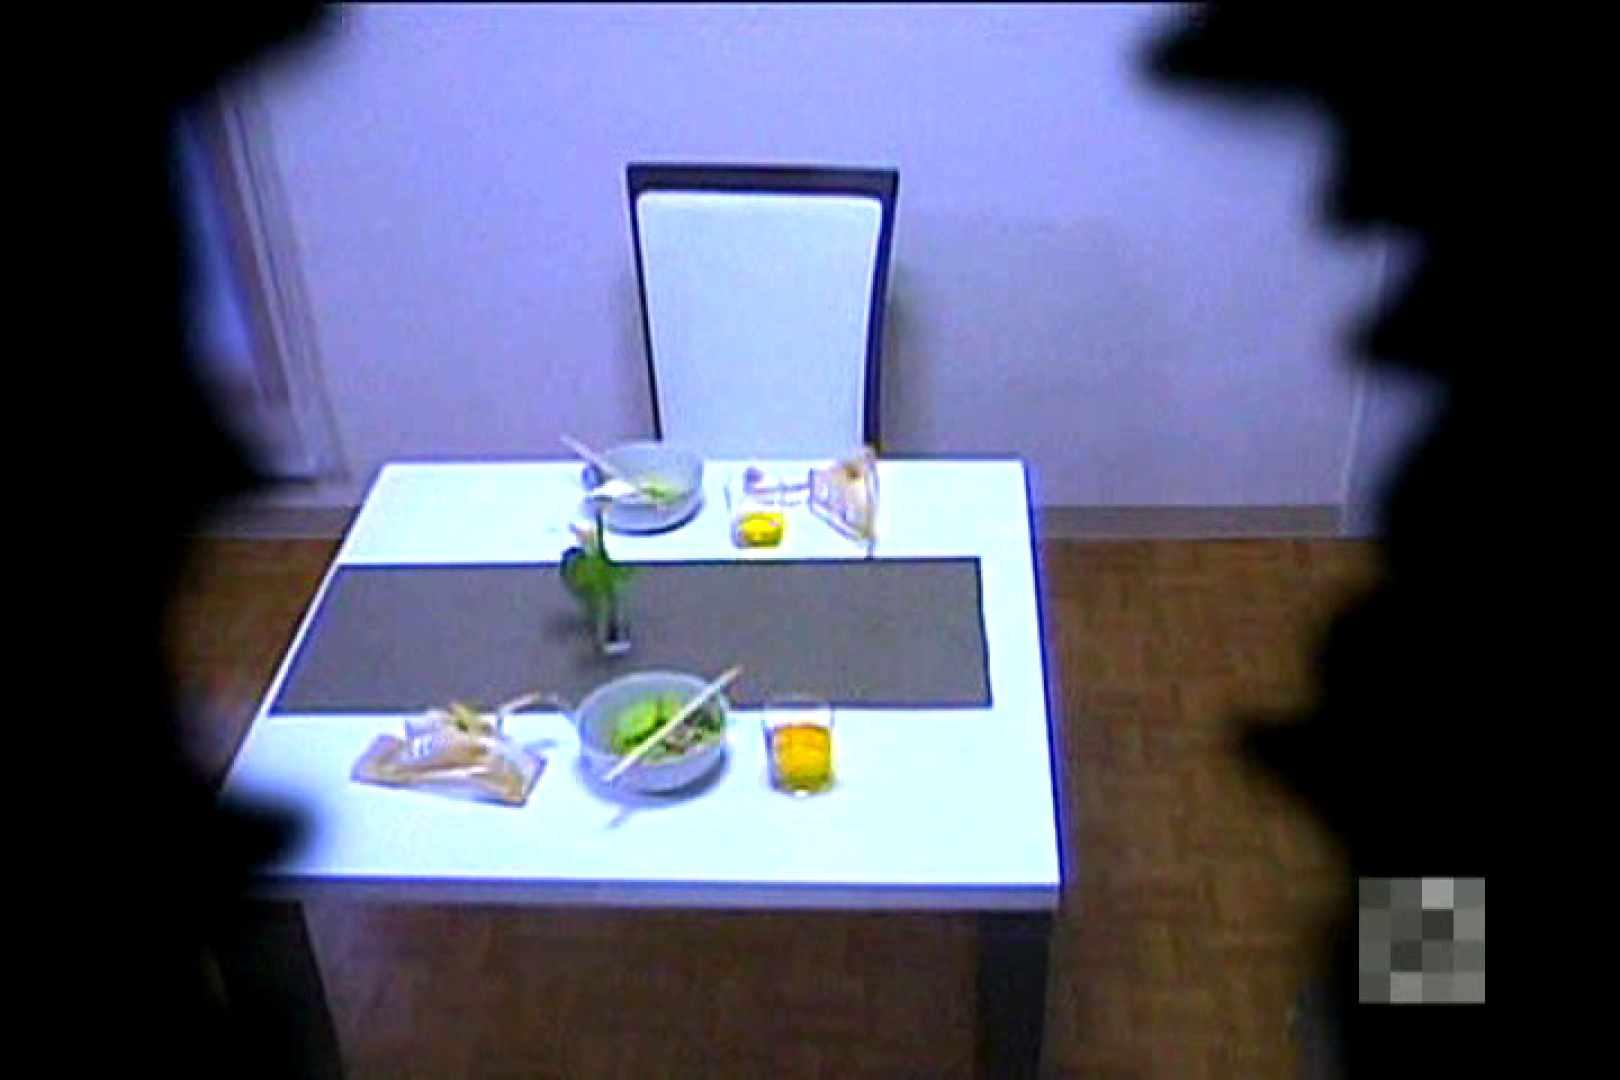 民家自慰マニアVol.4 OLセックス 覗きぱこり動画紹介 80画像 2